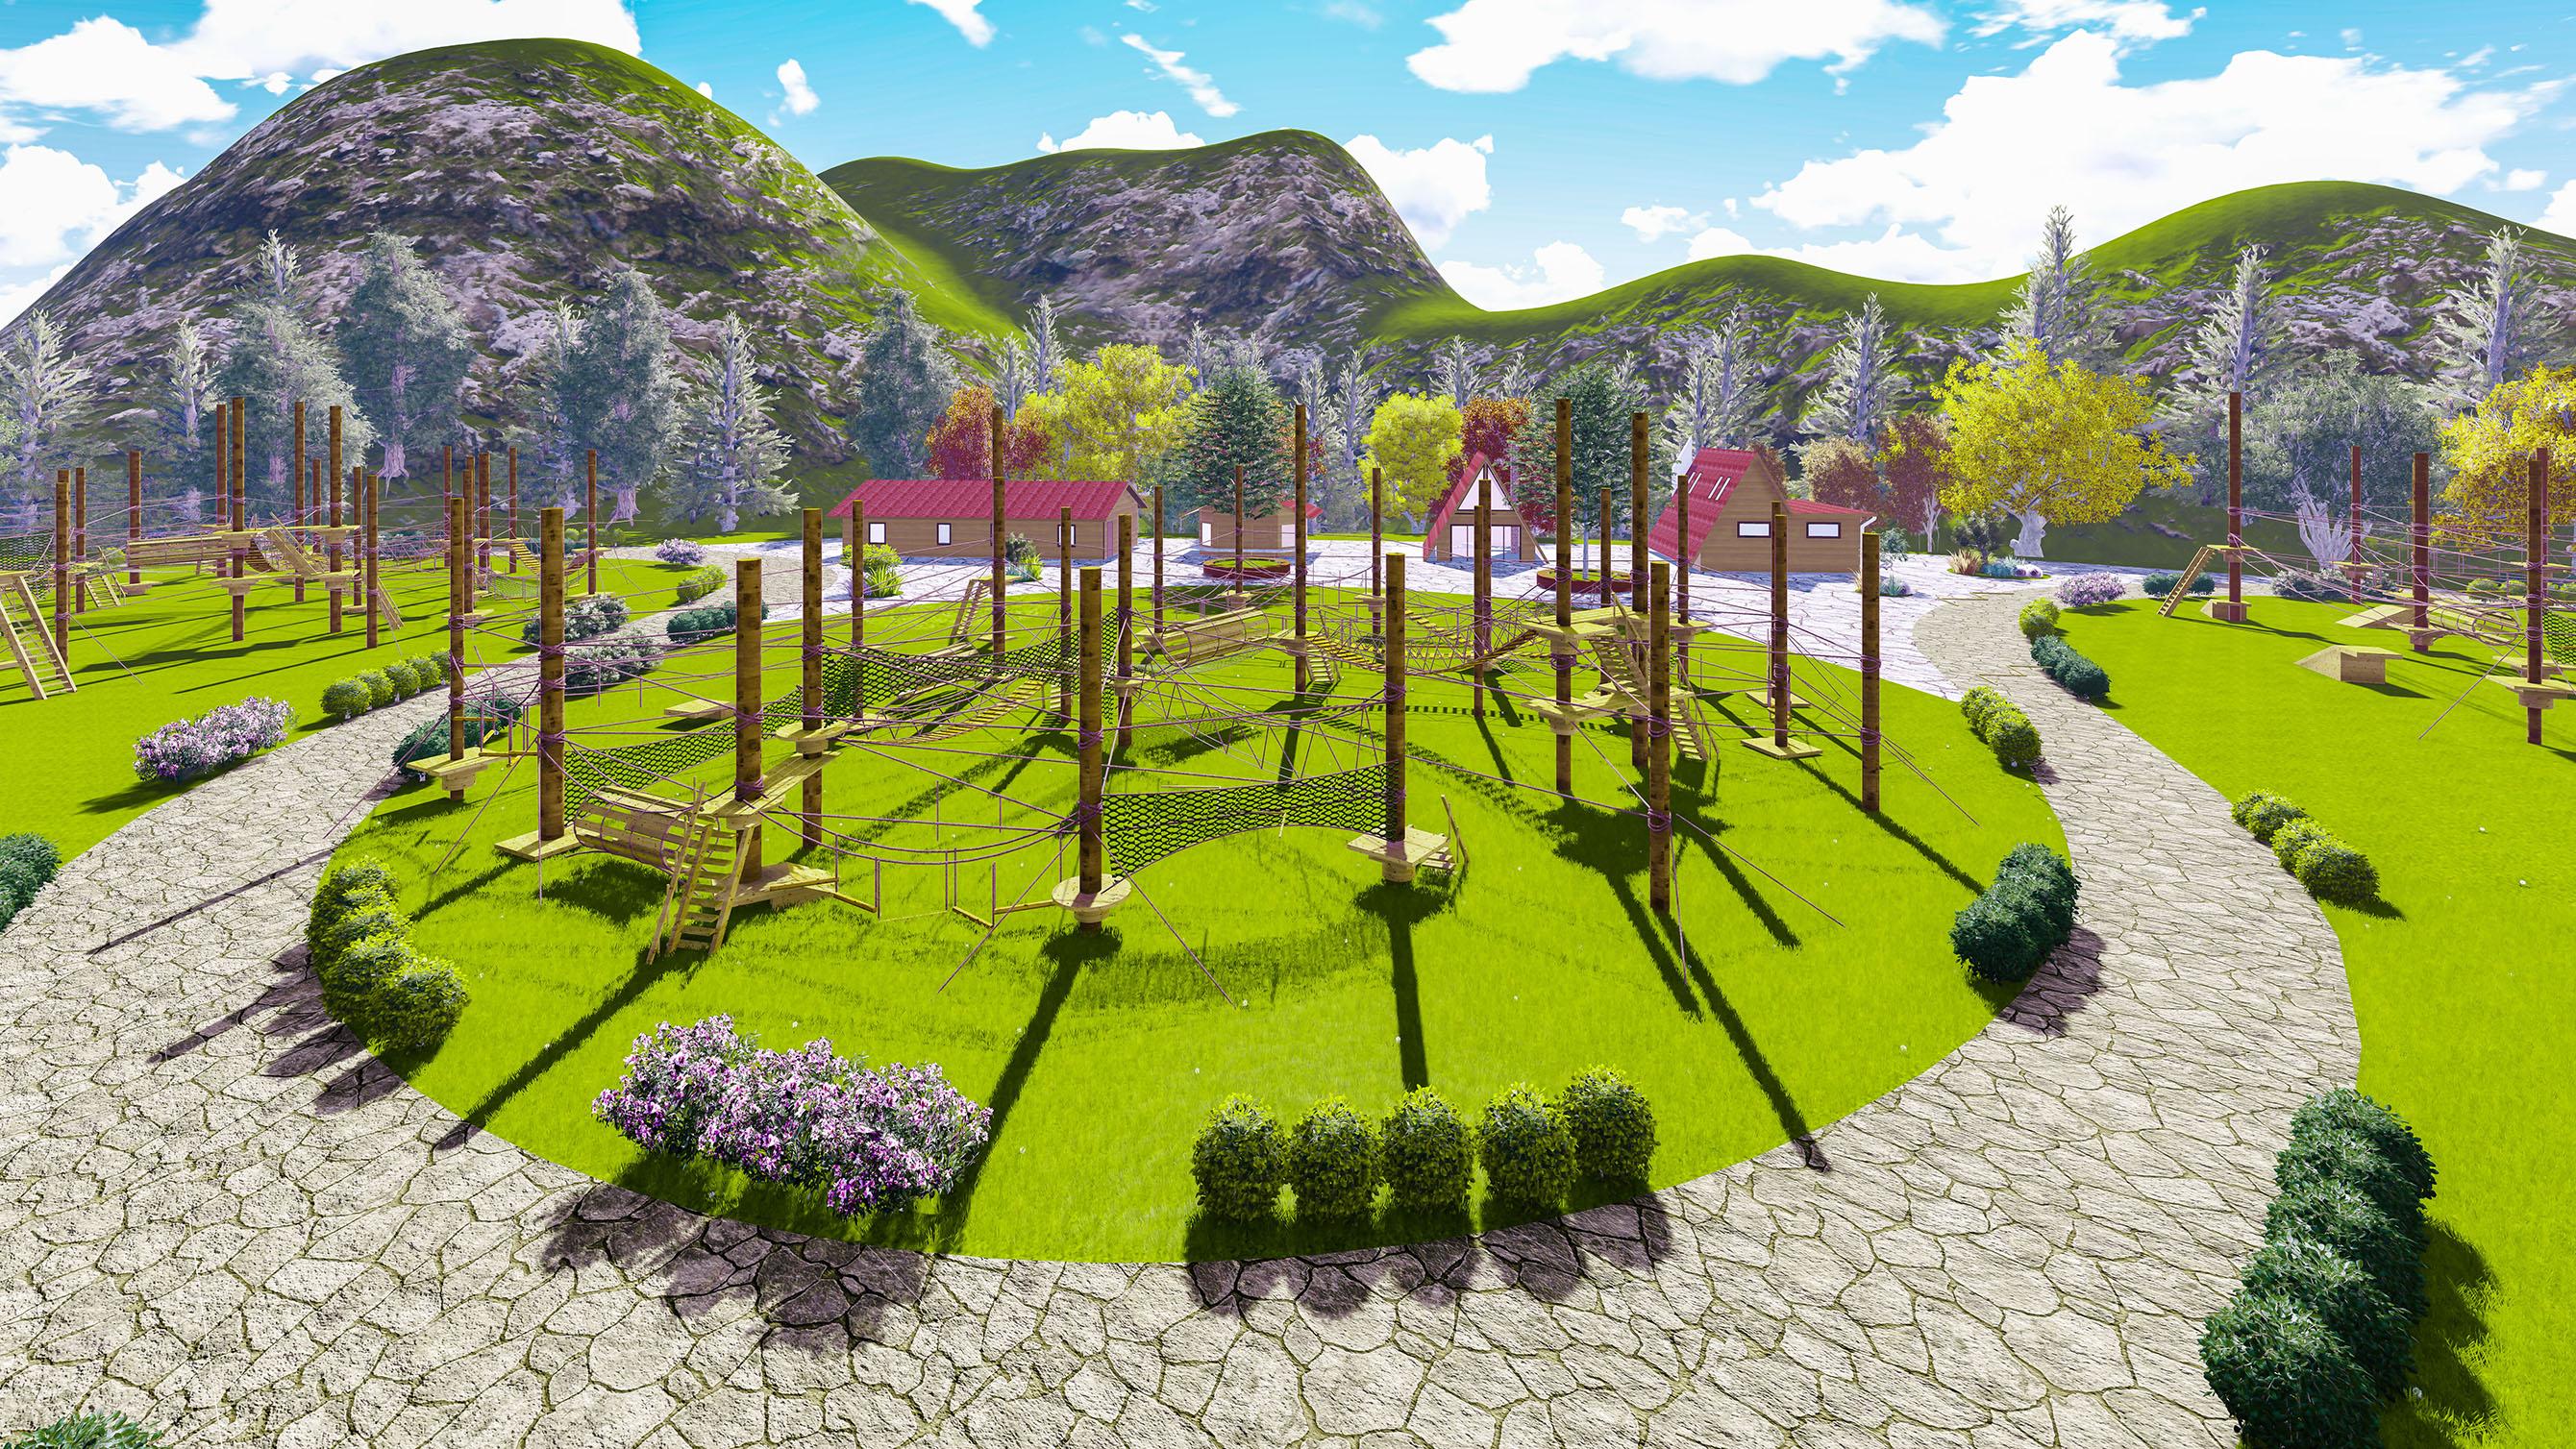 Macera Parkı ihaleye çıkıyor